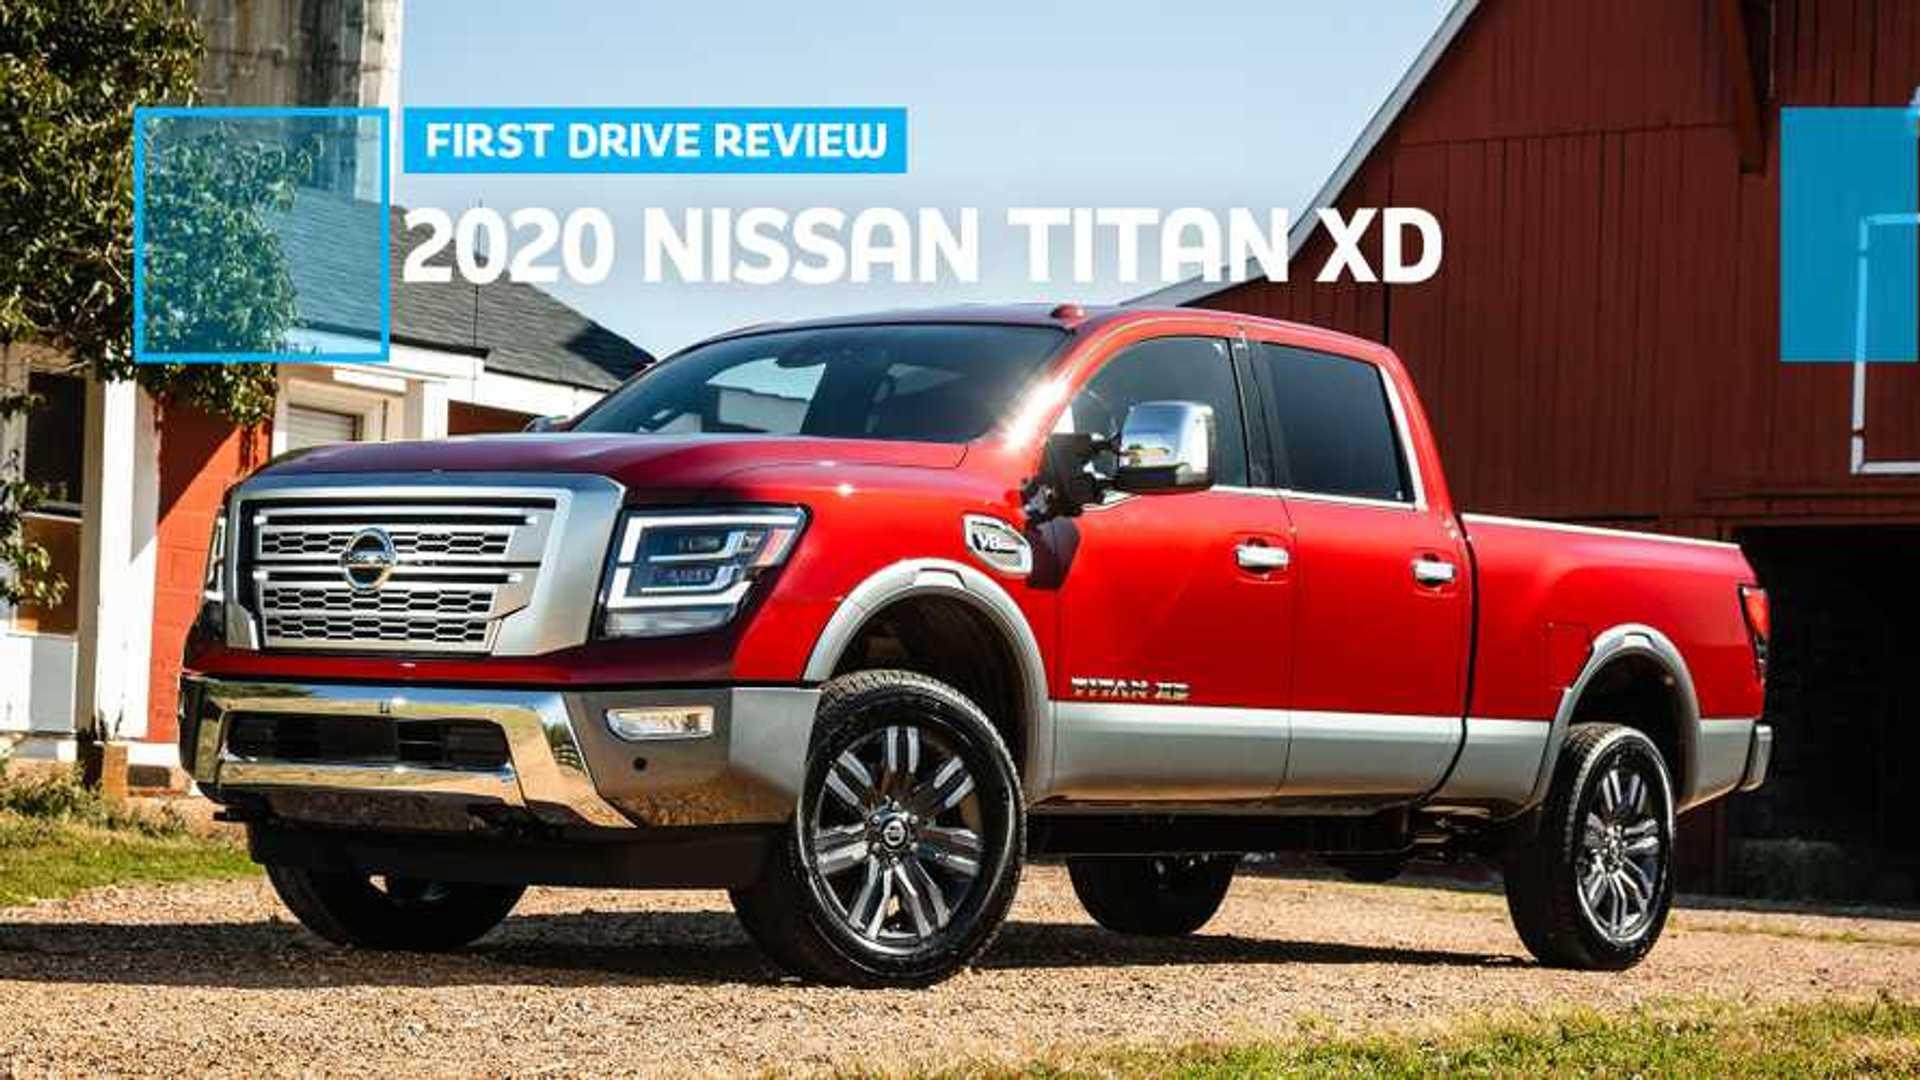 2020 Nissan Titan Xd Price